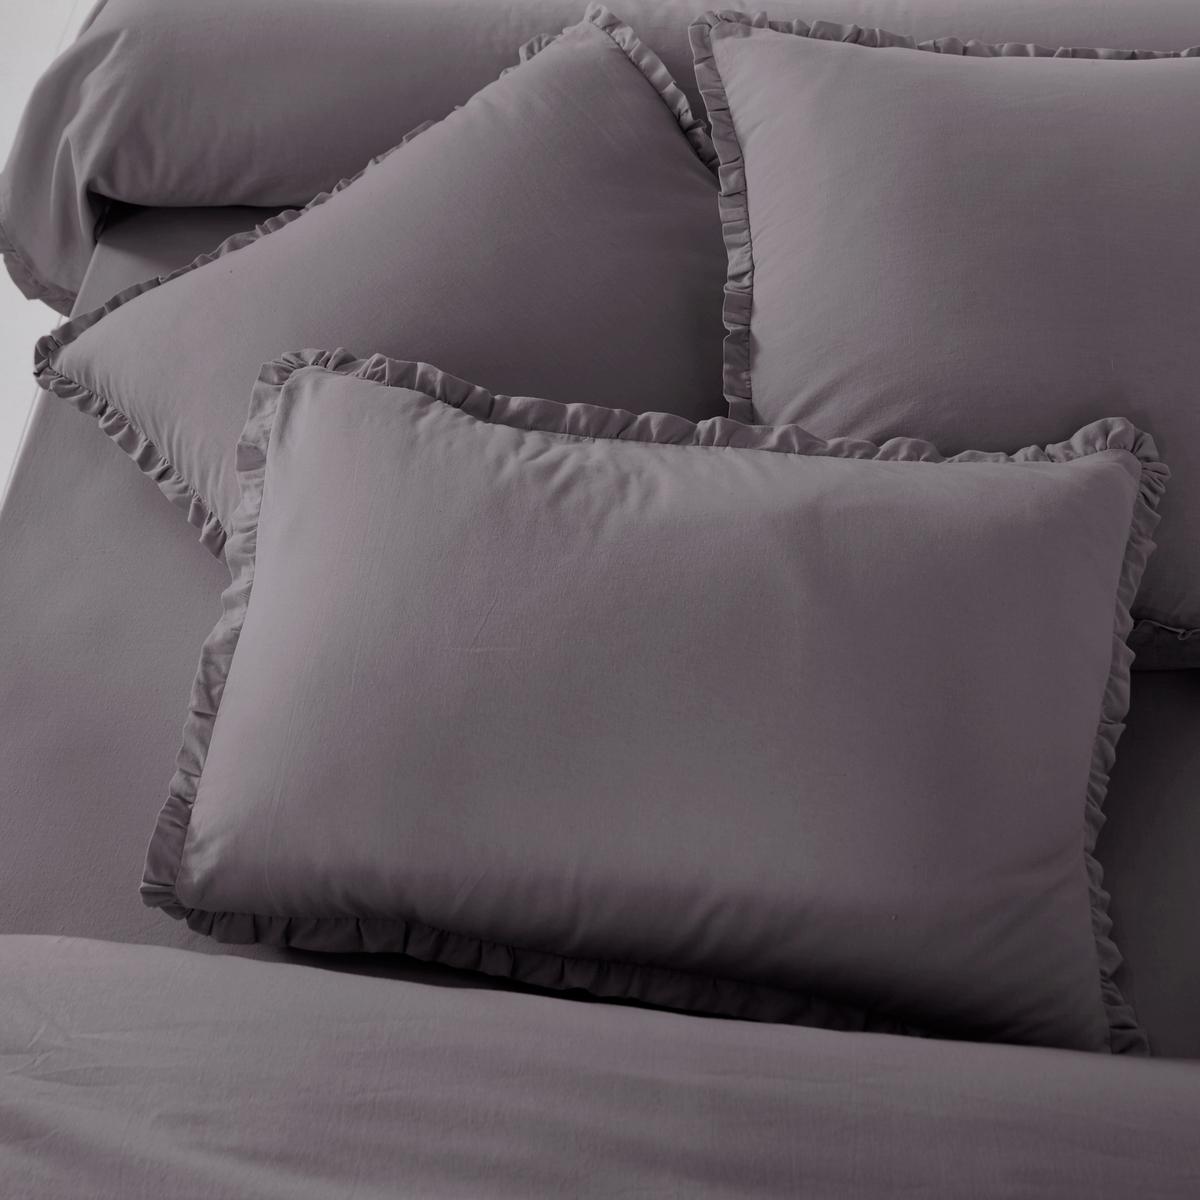 Наволочка из смешанной стиранной ткани, OndinaОписание наволочки Ondina :- Смешанная ткань 55% хлопка, 45% льна, аутентичная и прочная стиранная ткань для большей мягкости и эластичности ..Машинная стирка при 60 °С.- Отделка двойным воланом, со складками.  Размеры :50 x 70 см : прямоугольный63 x 63 см : квадратный<br><br>Цвет: светло-бежевый,серо-фиалковый,серо-фиолетовый<br>Размер: 50 x 70  см.63 x 63  см.63 x 63  см.50 x 70  см.50 x 70  см